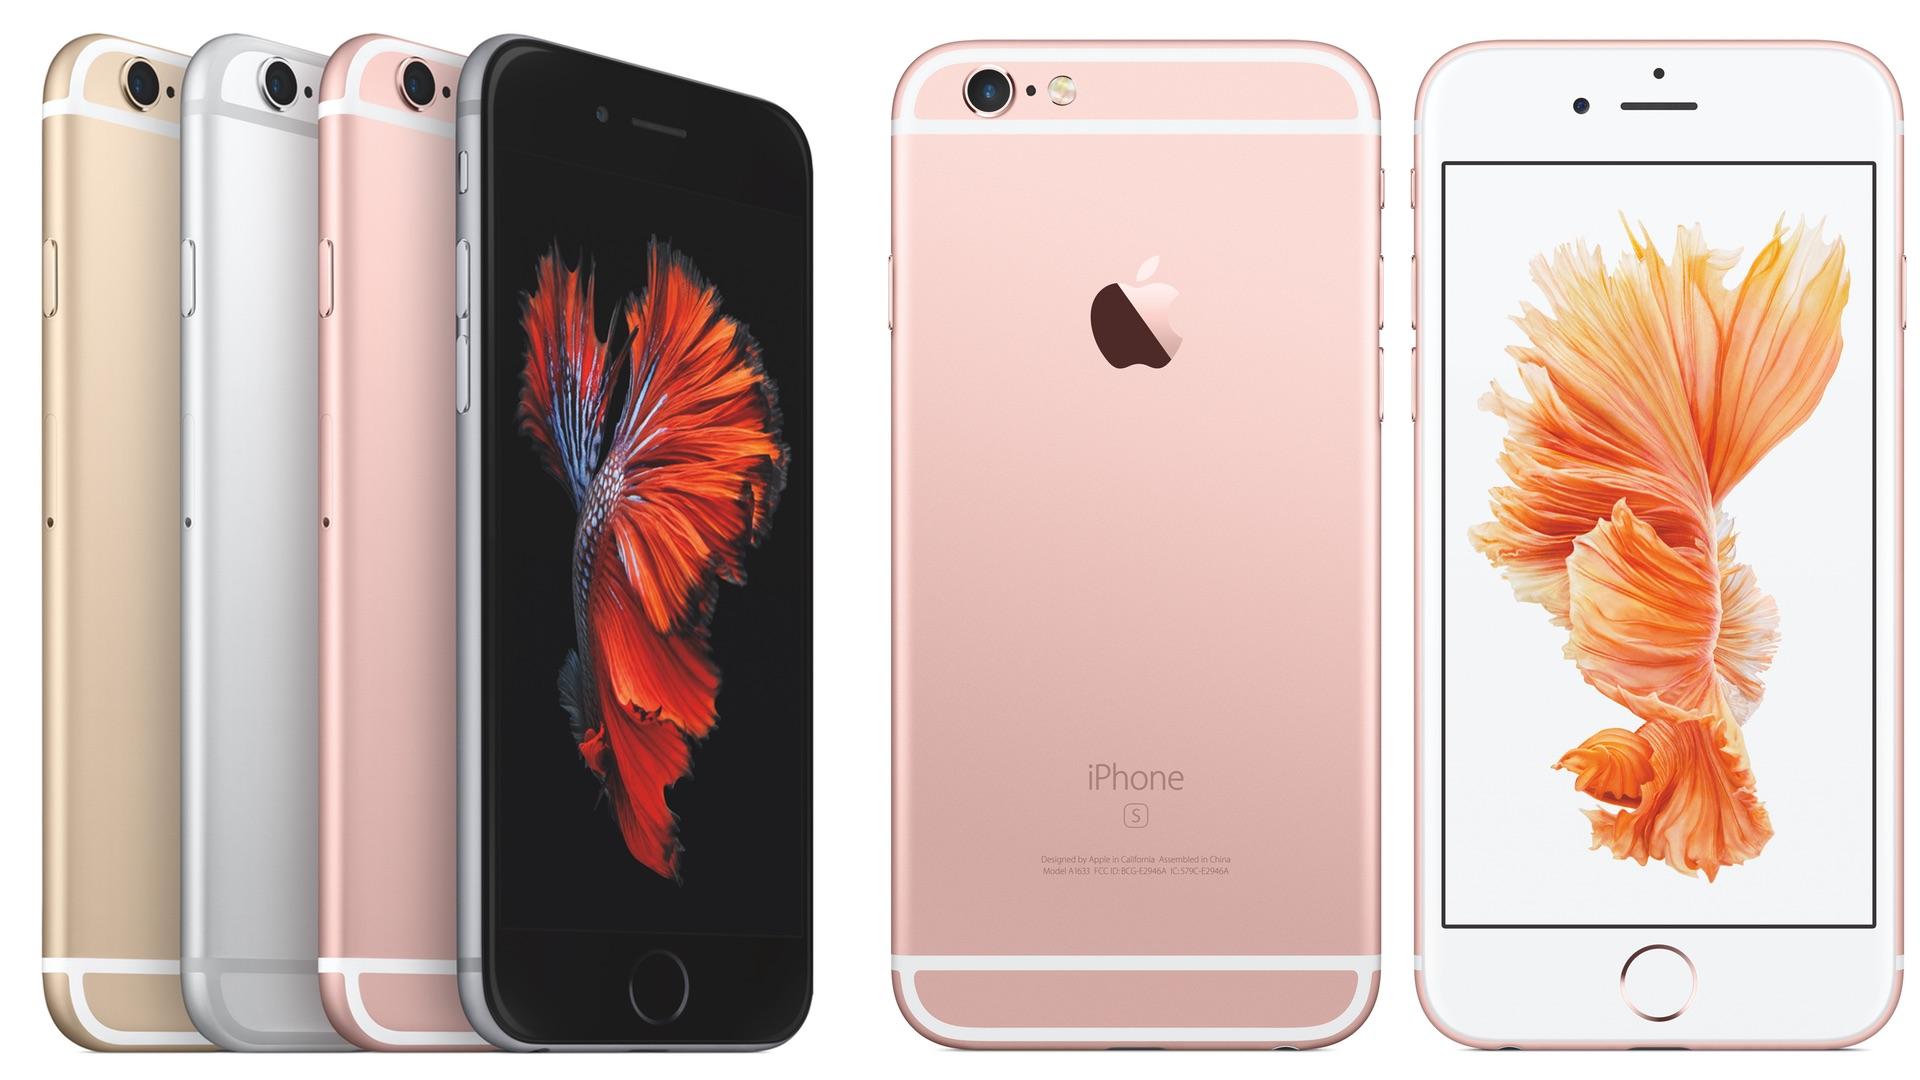 das ist das rosa iphone 6s giga. Black Bedroom Furniture Sets. Home Design Ideas